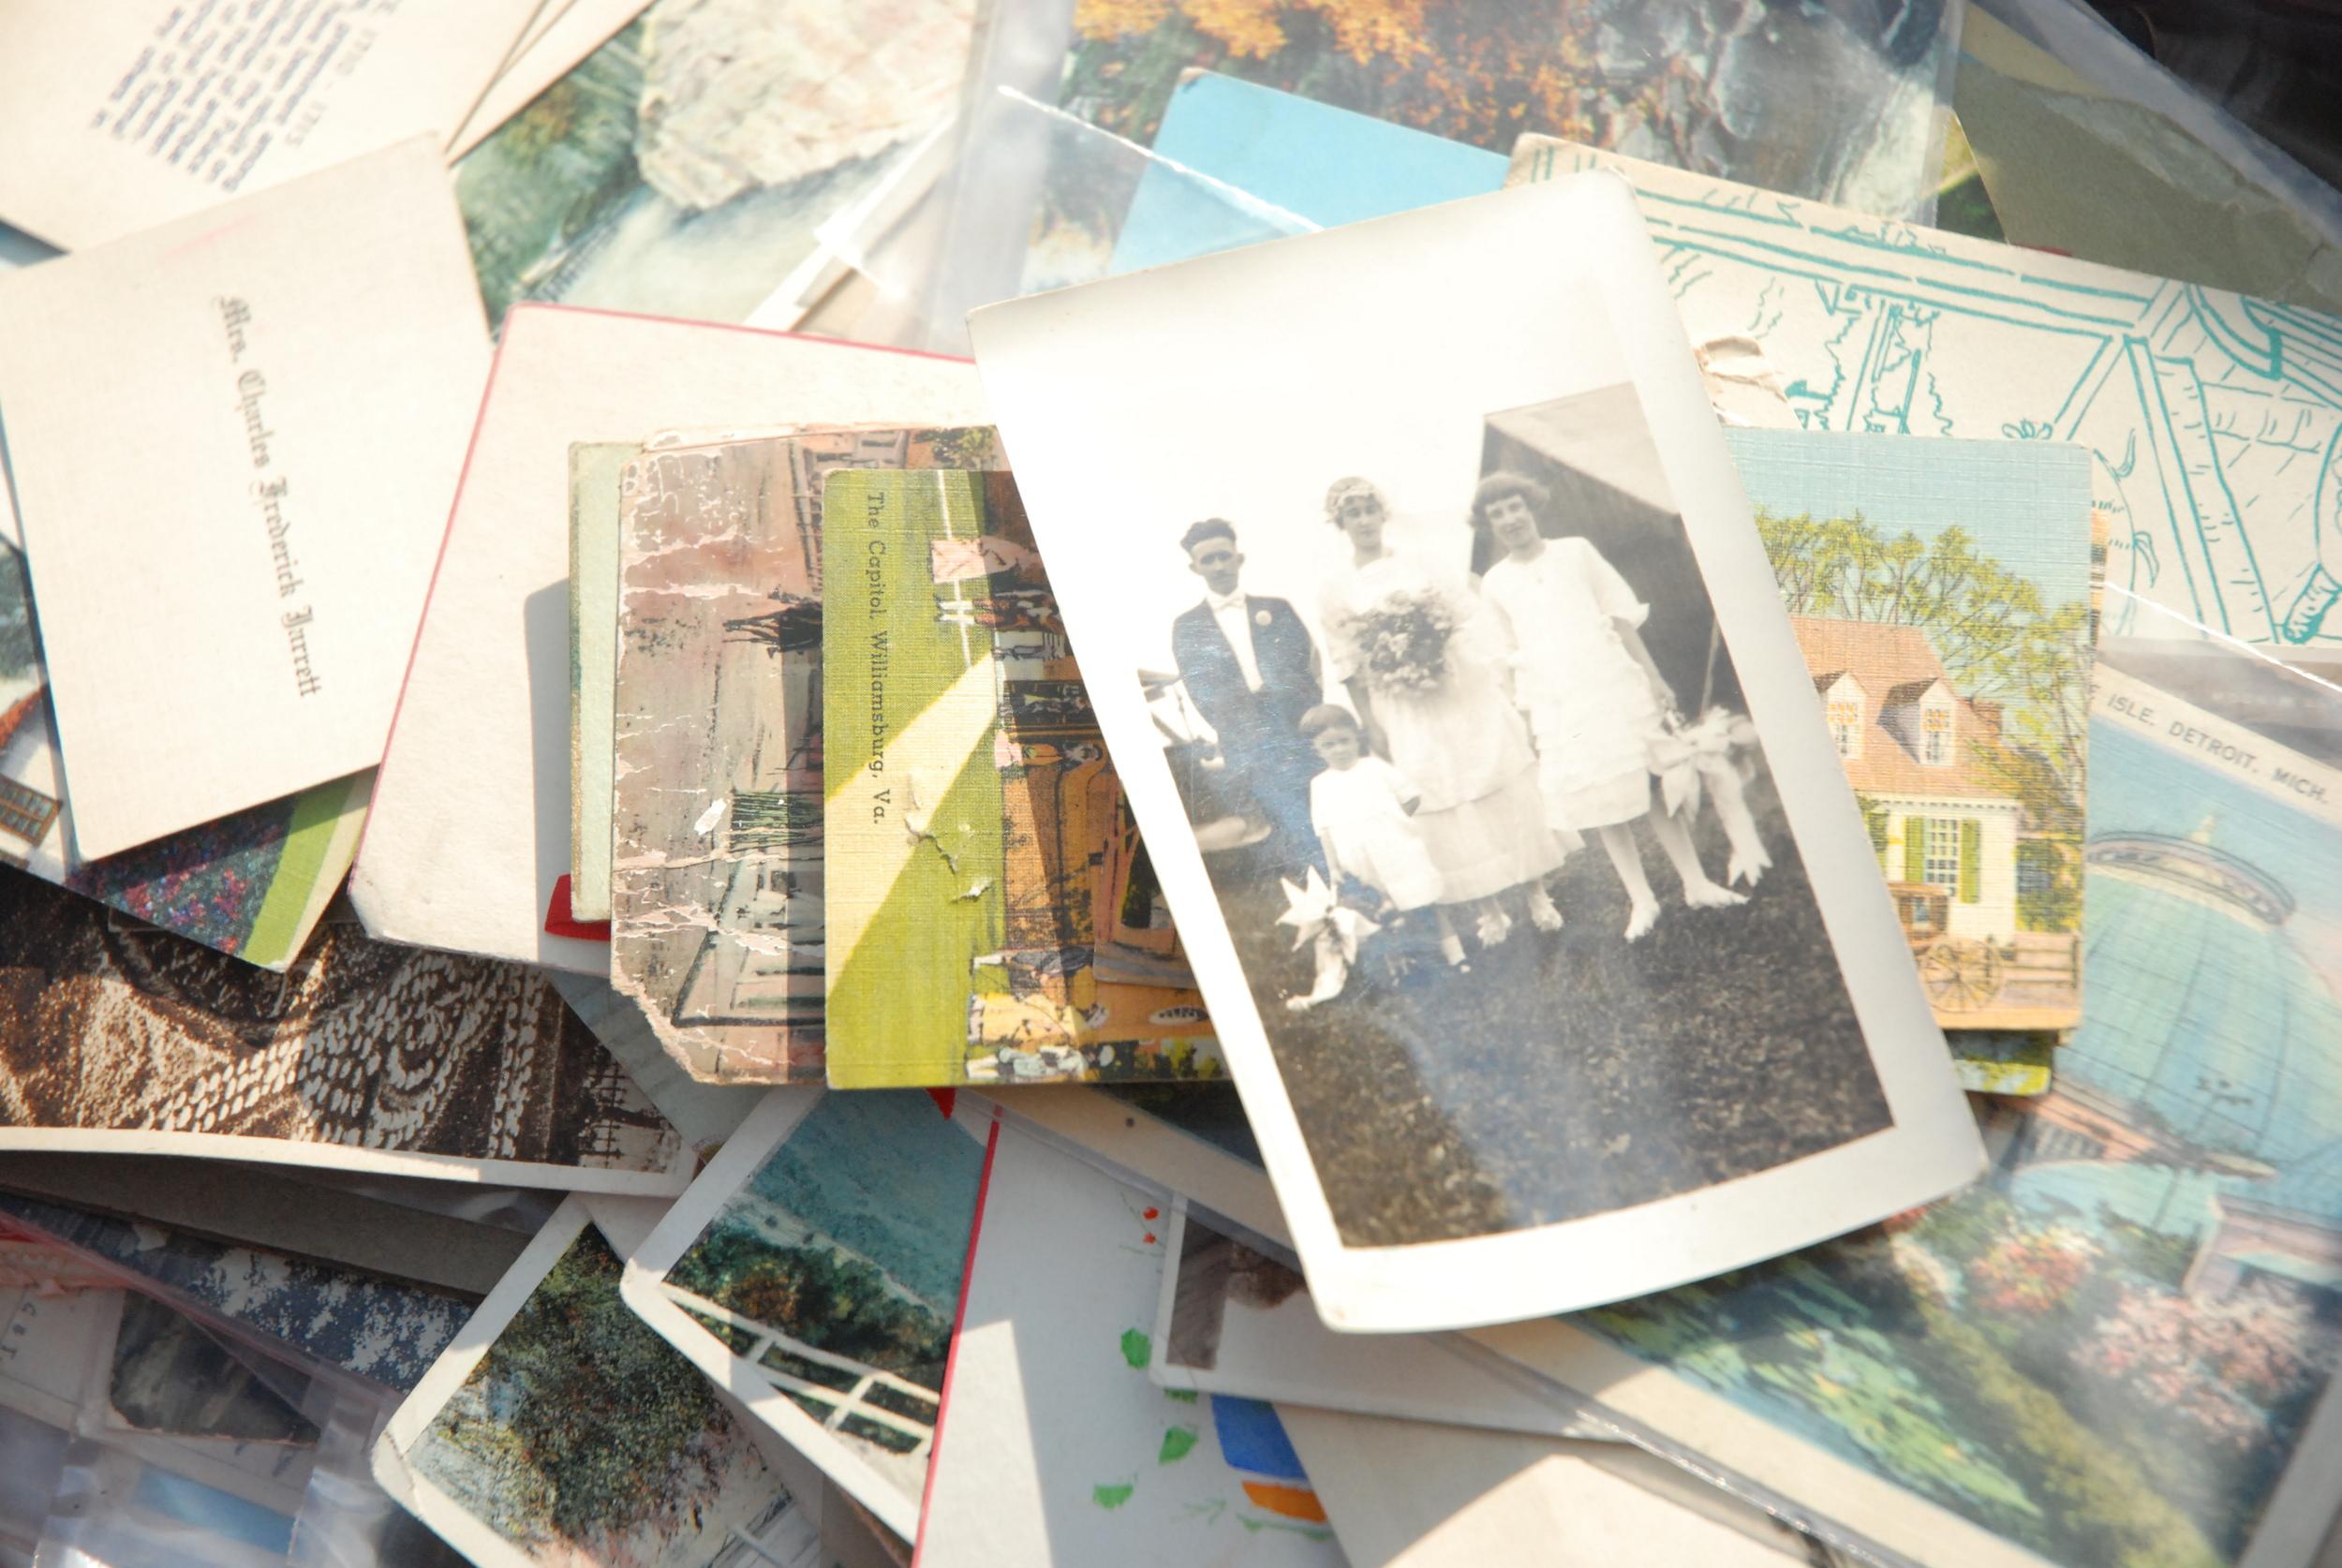 Beholder Images_Antique Market_1174.JPG